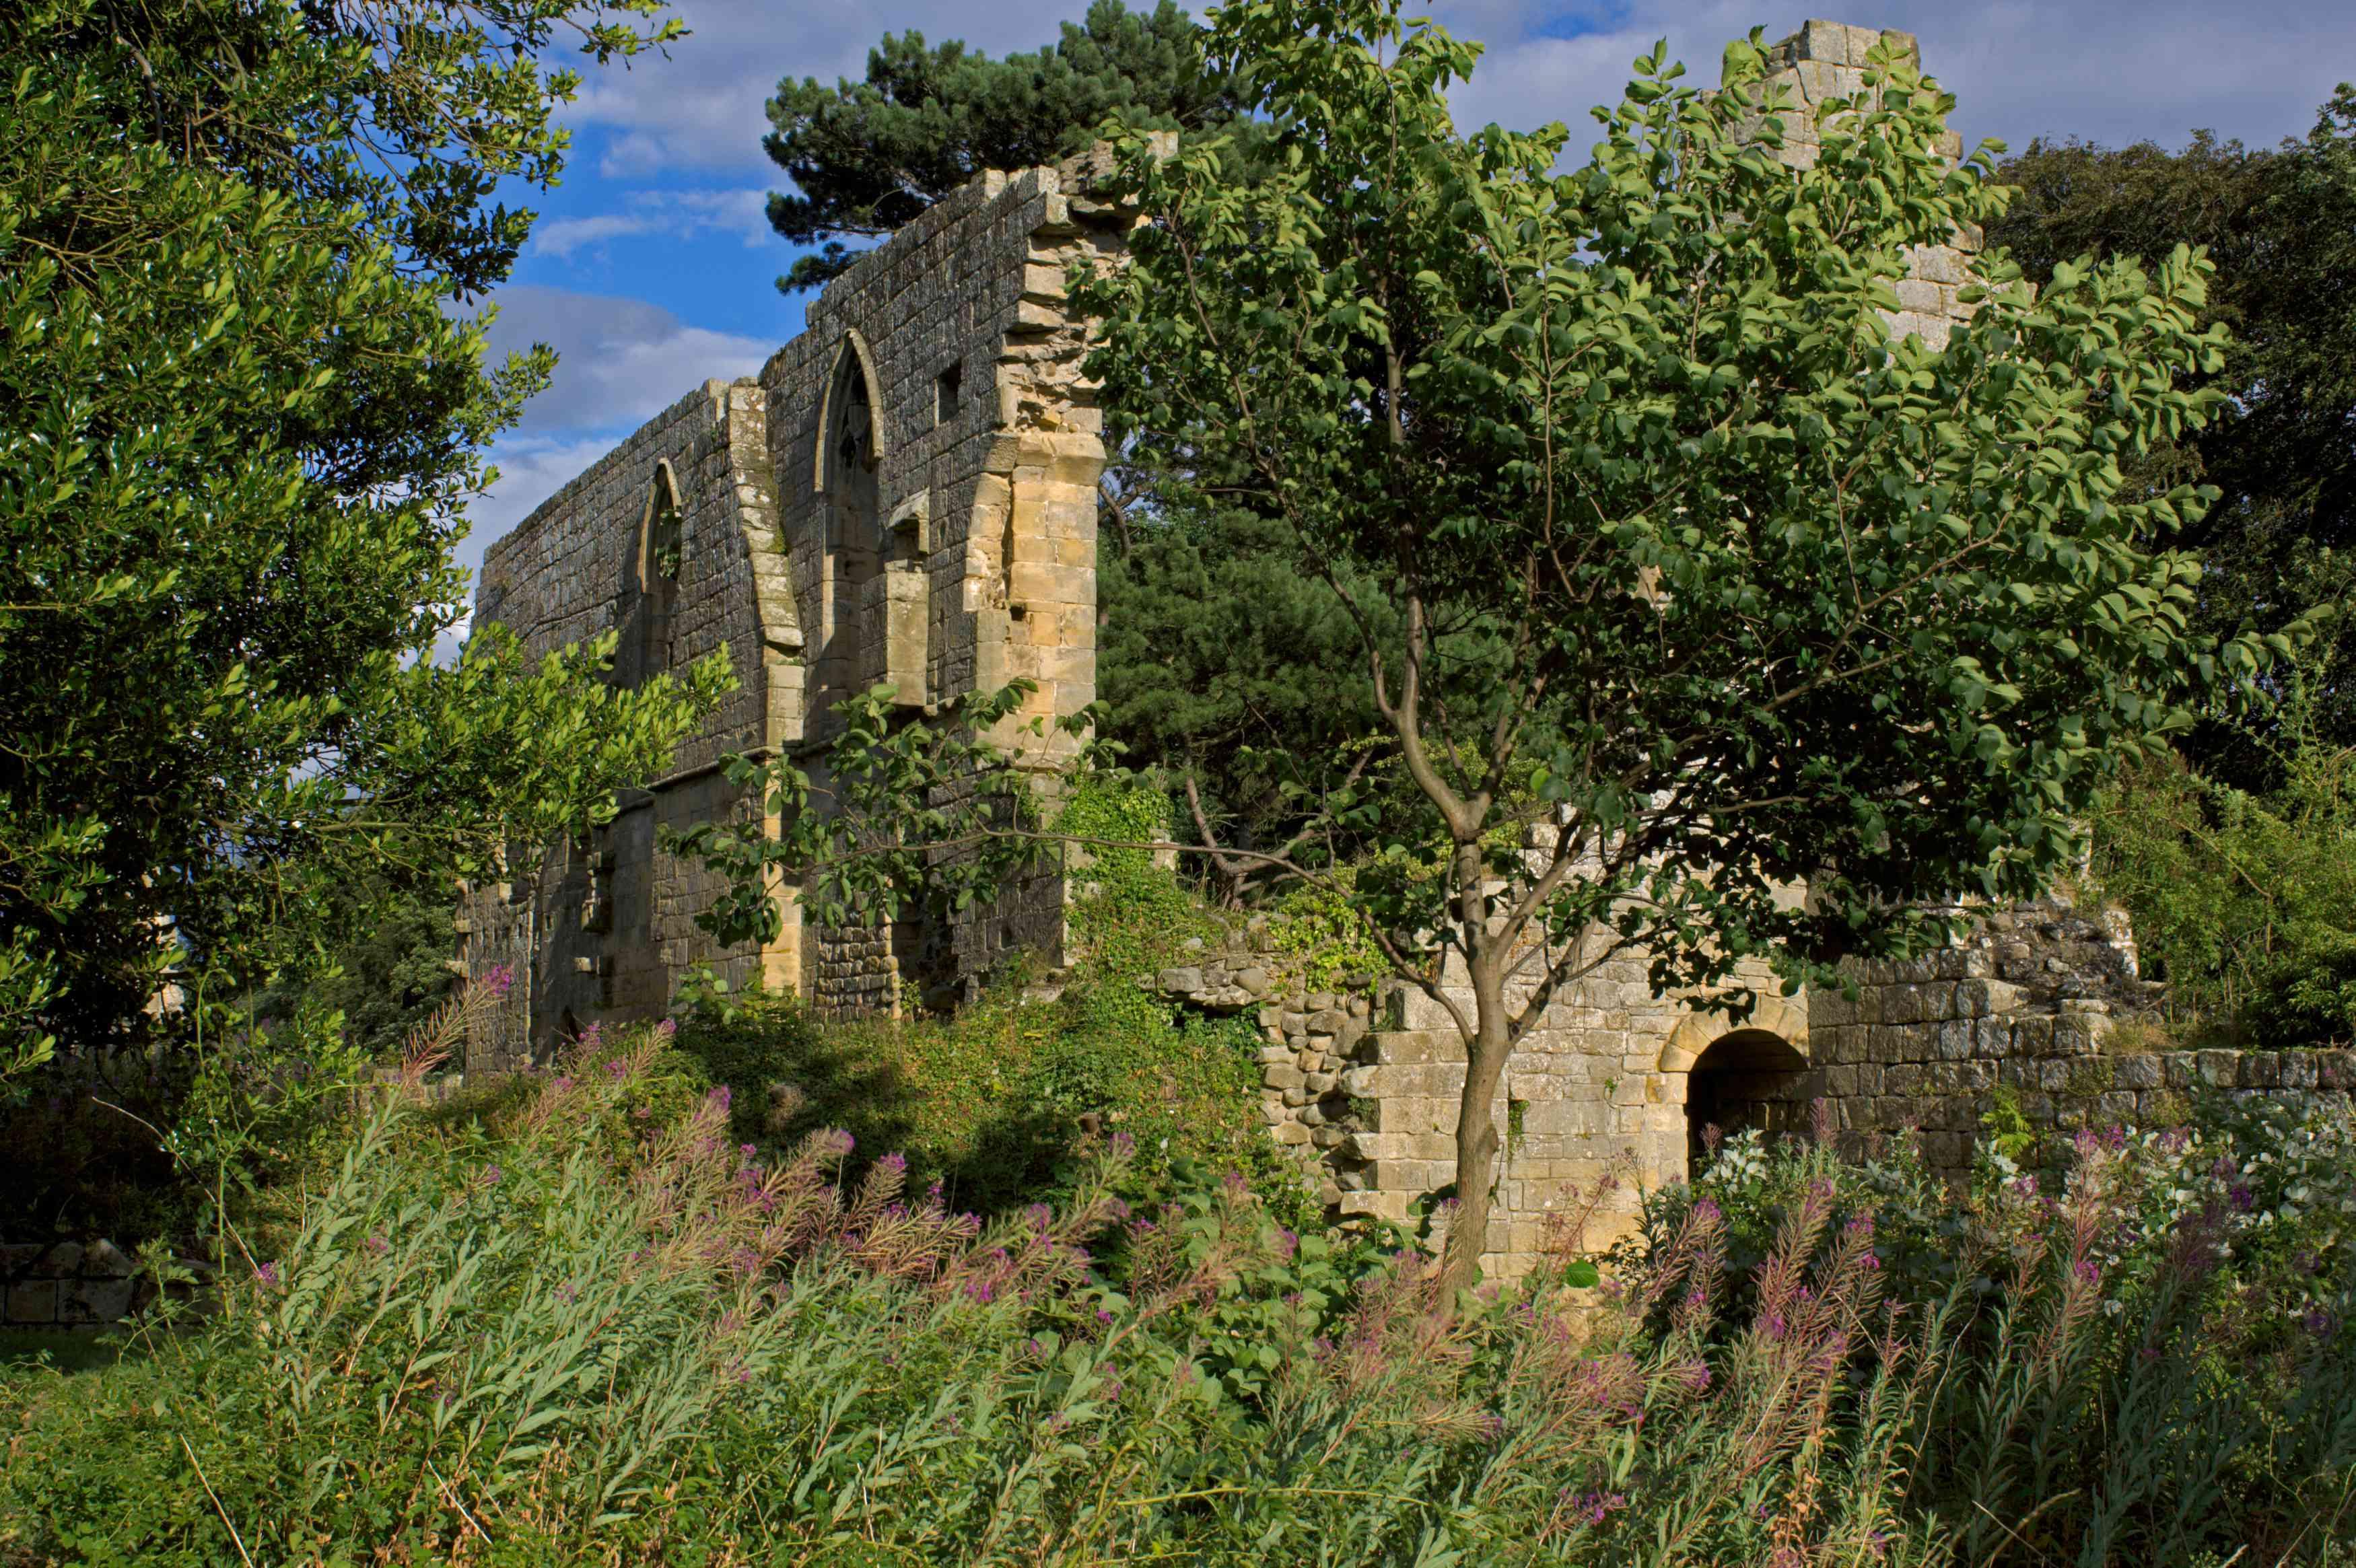 Jervaulx Abbey, near Masham, North Yorkshire, England